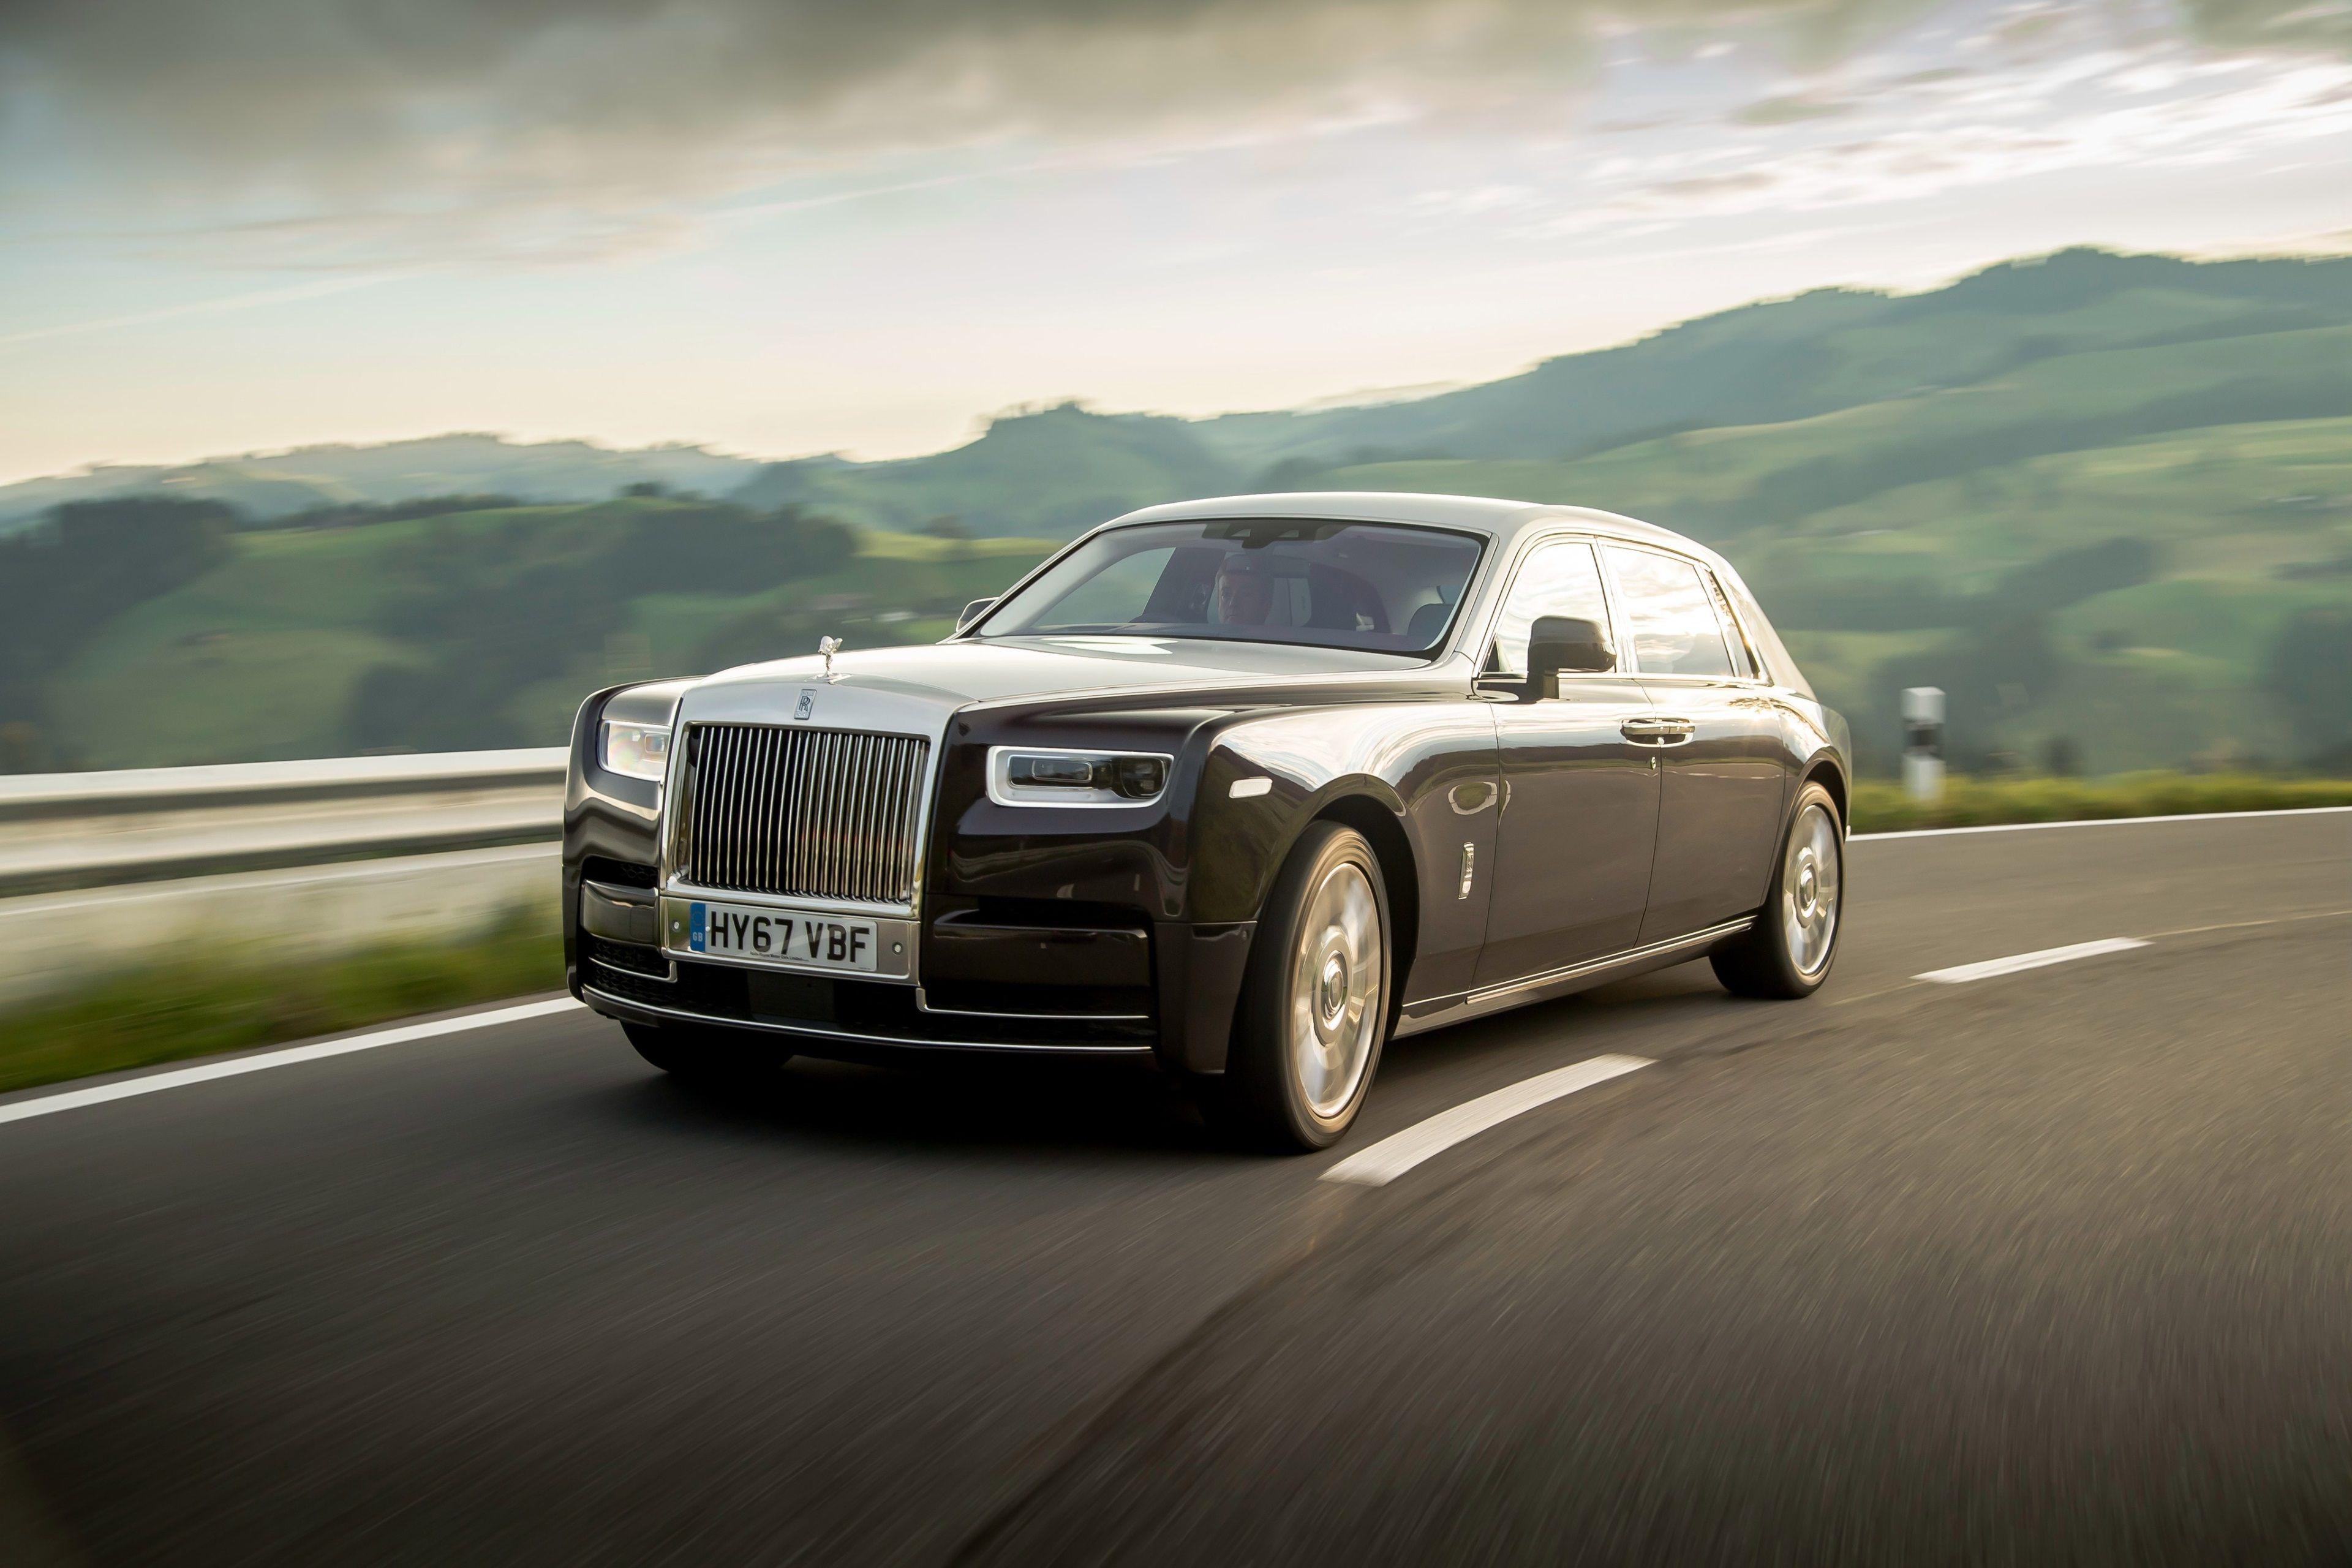 3840x2560 Rolls Royce Phantom Ewb 4k Download Pics For Pc Rolls Royce Rolls Royce Phantom Rolls Royce Wallpaper